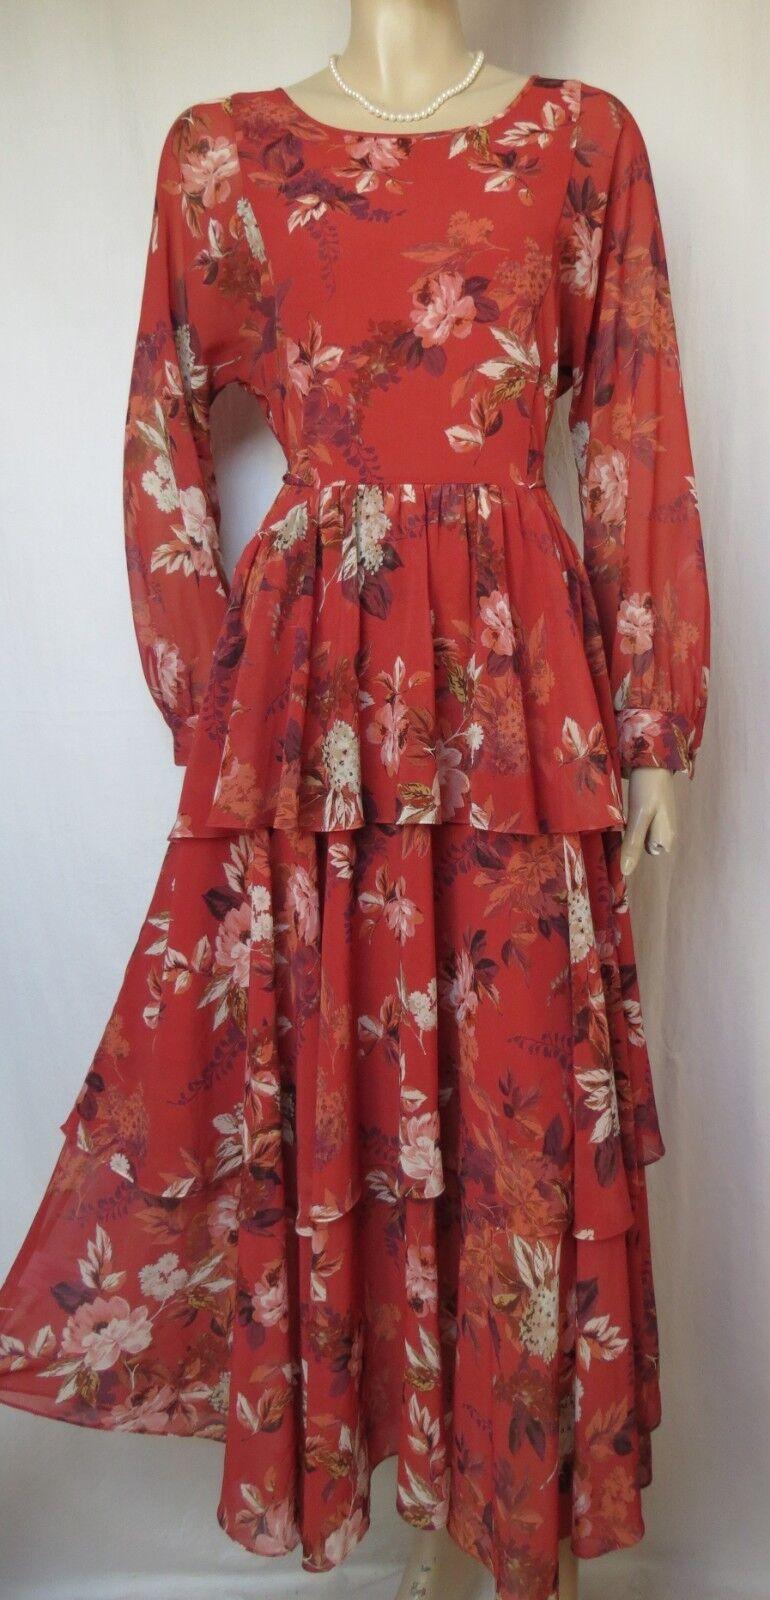 b4fe3675afd159 Laura Ashley 38 braun Blaumen Volants Rüschen Stufen romantisch boho Kleid  Orange nqcpqx5566-neue Kleidung